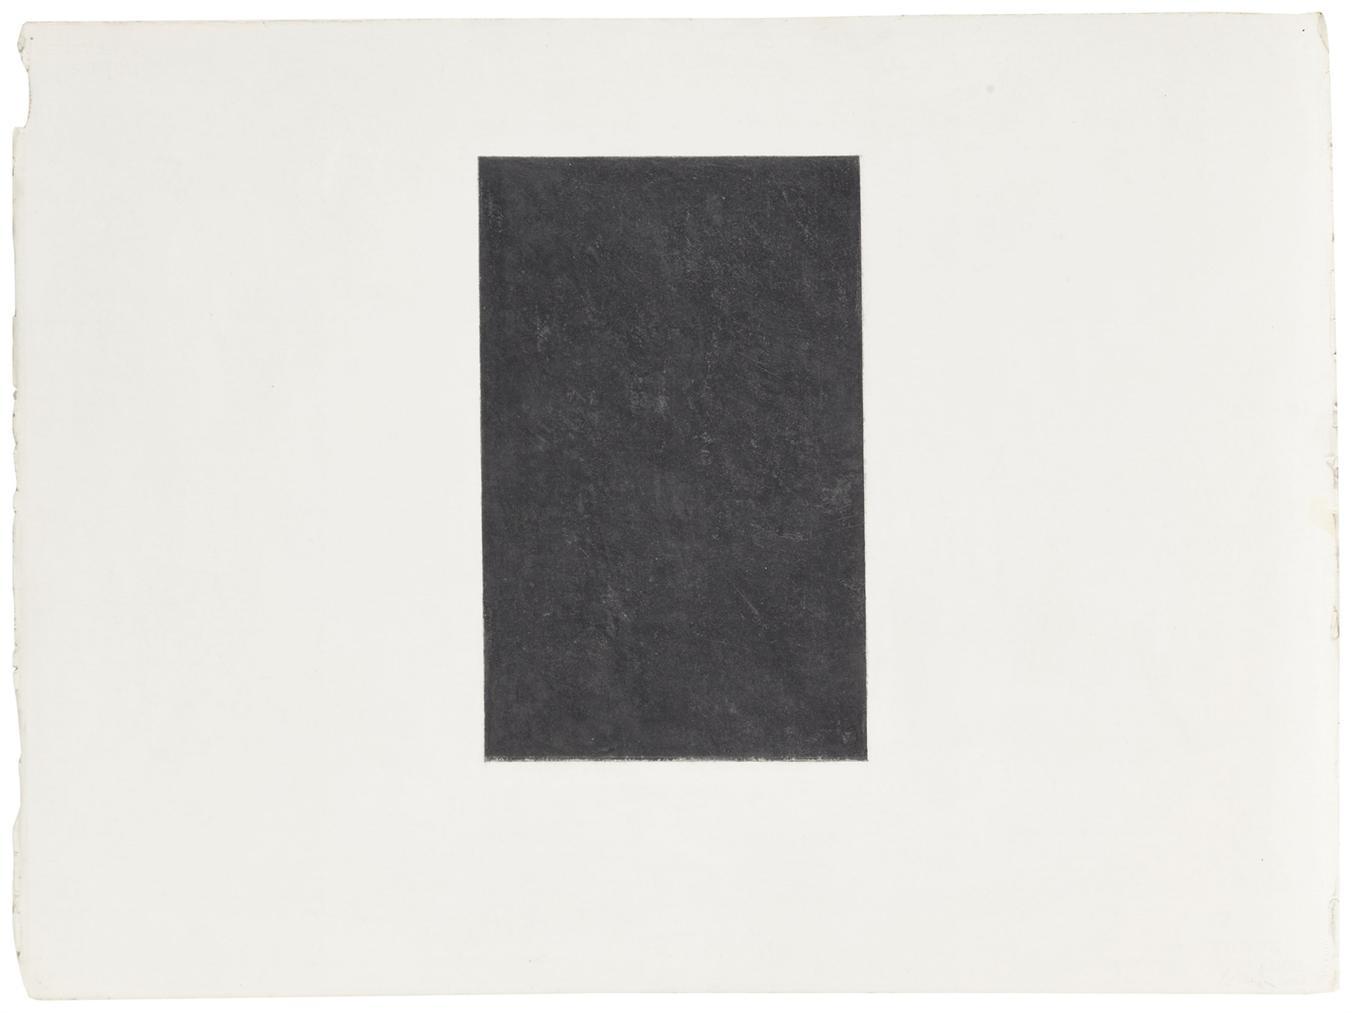 Brice Marden-Untitled-1968